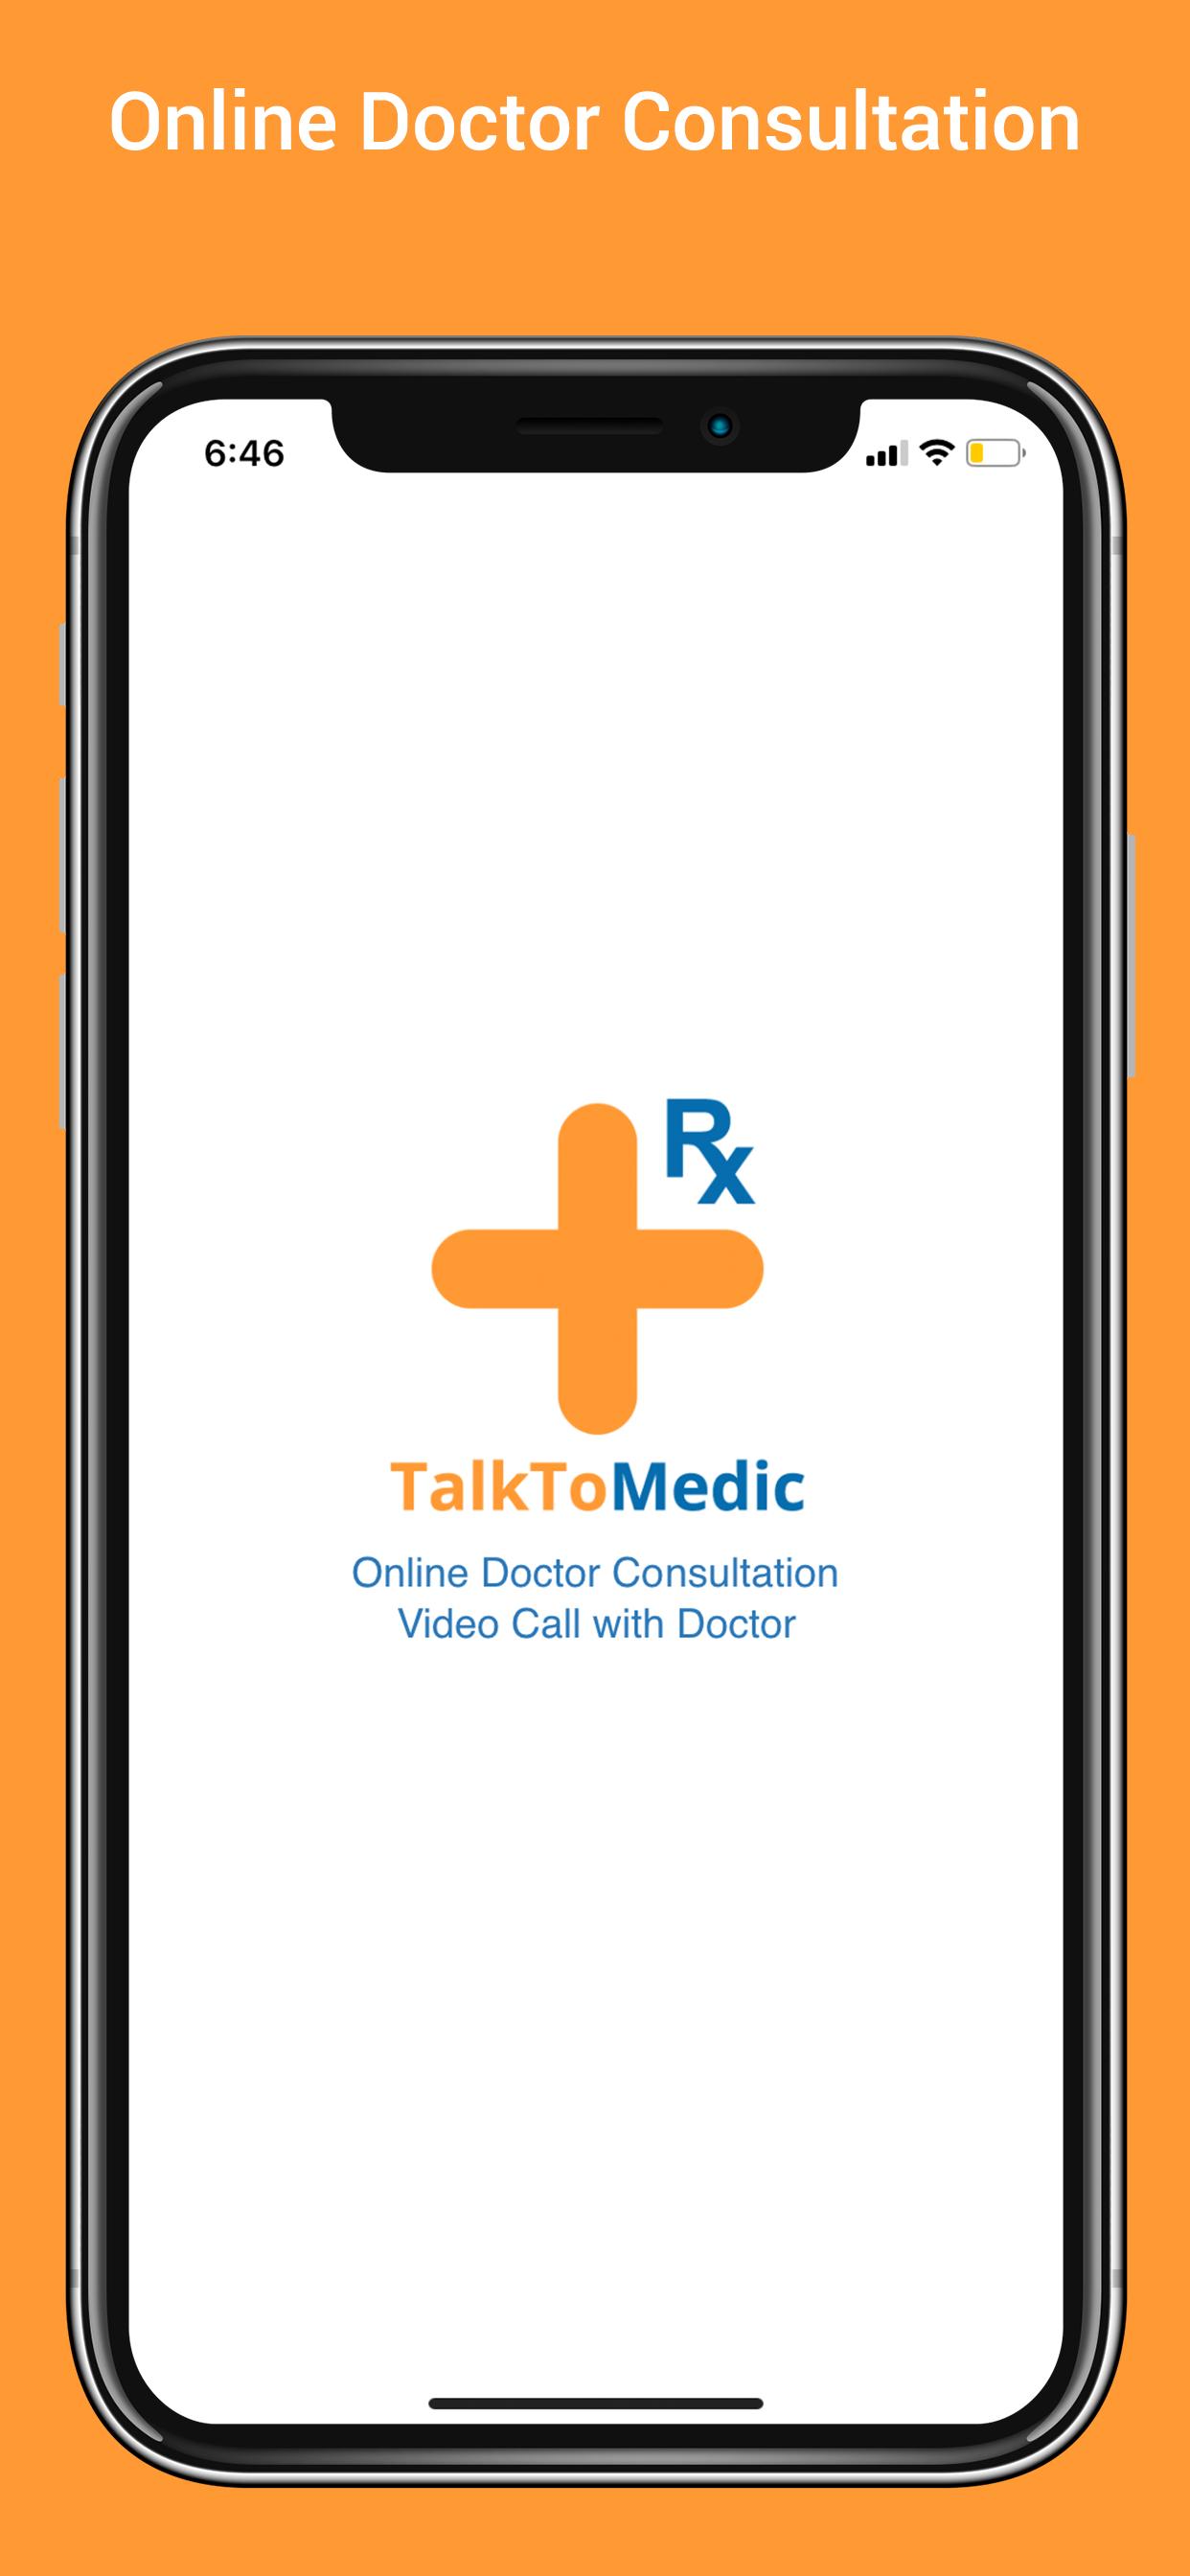 TalkToMedic